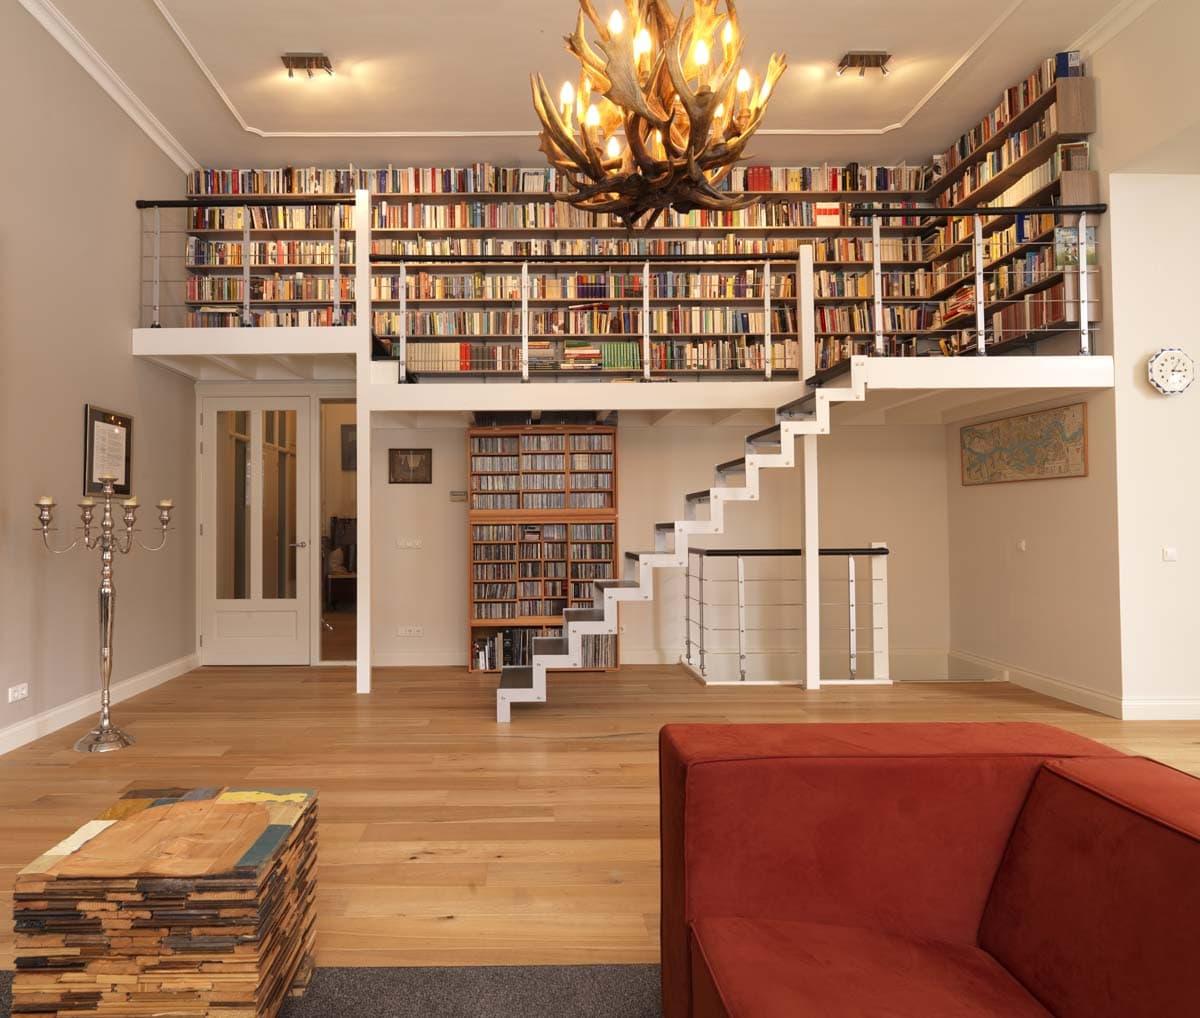 mut07a Muizeboomtrappen bibliotheektrap in Zaandam